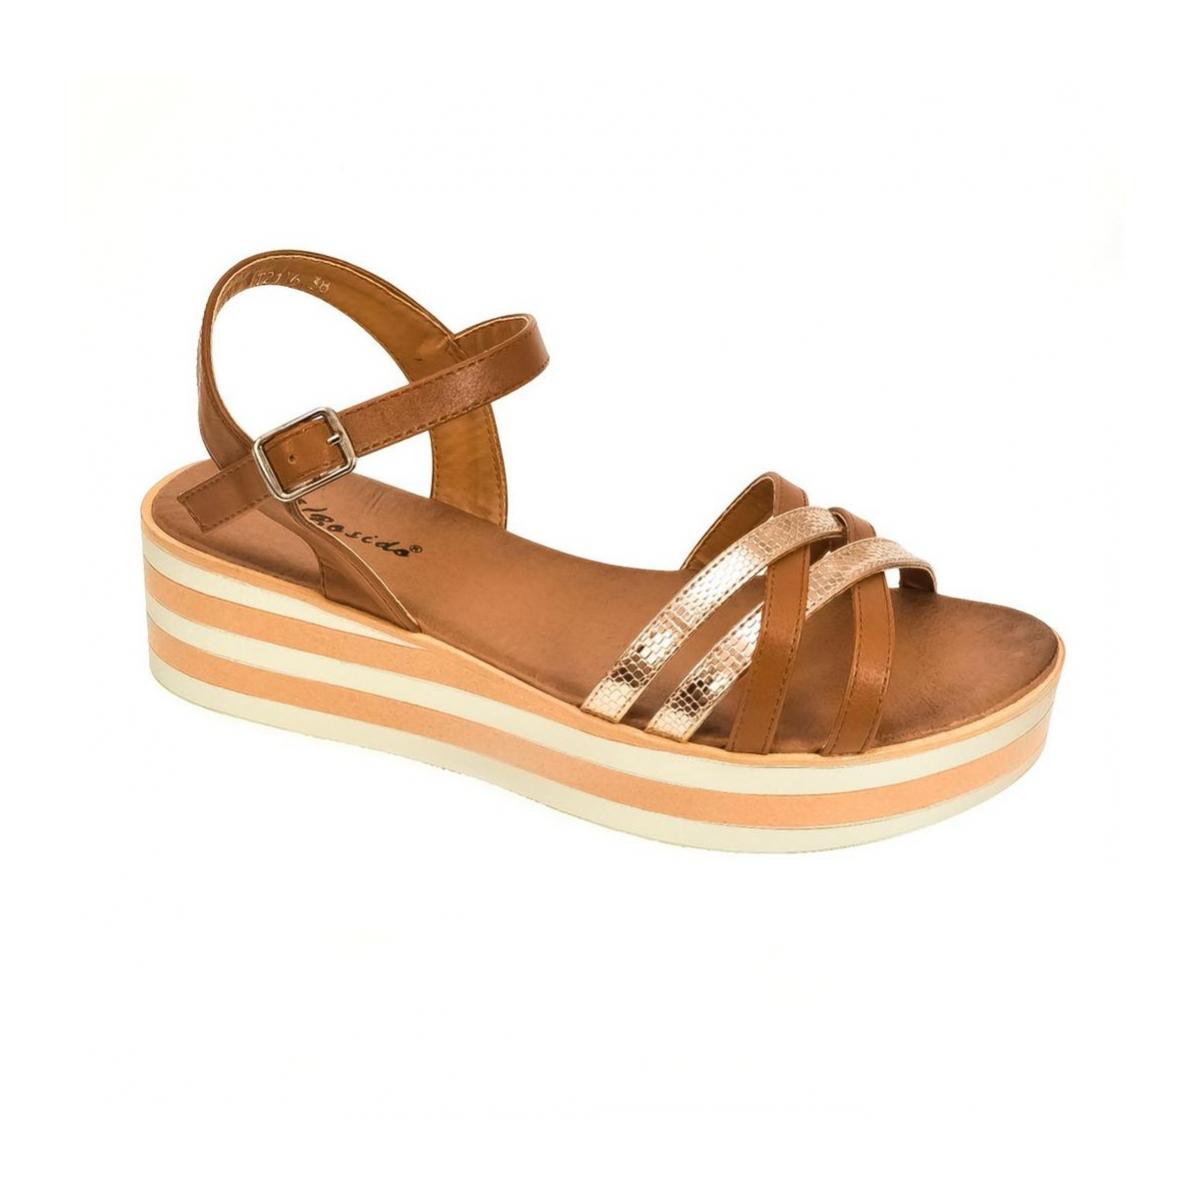 6317b31abd Dámske hnedé sandále DICI - 4